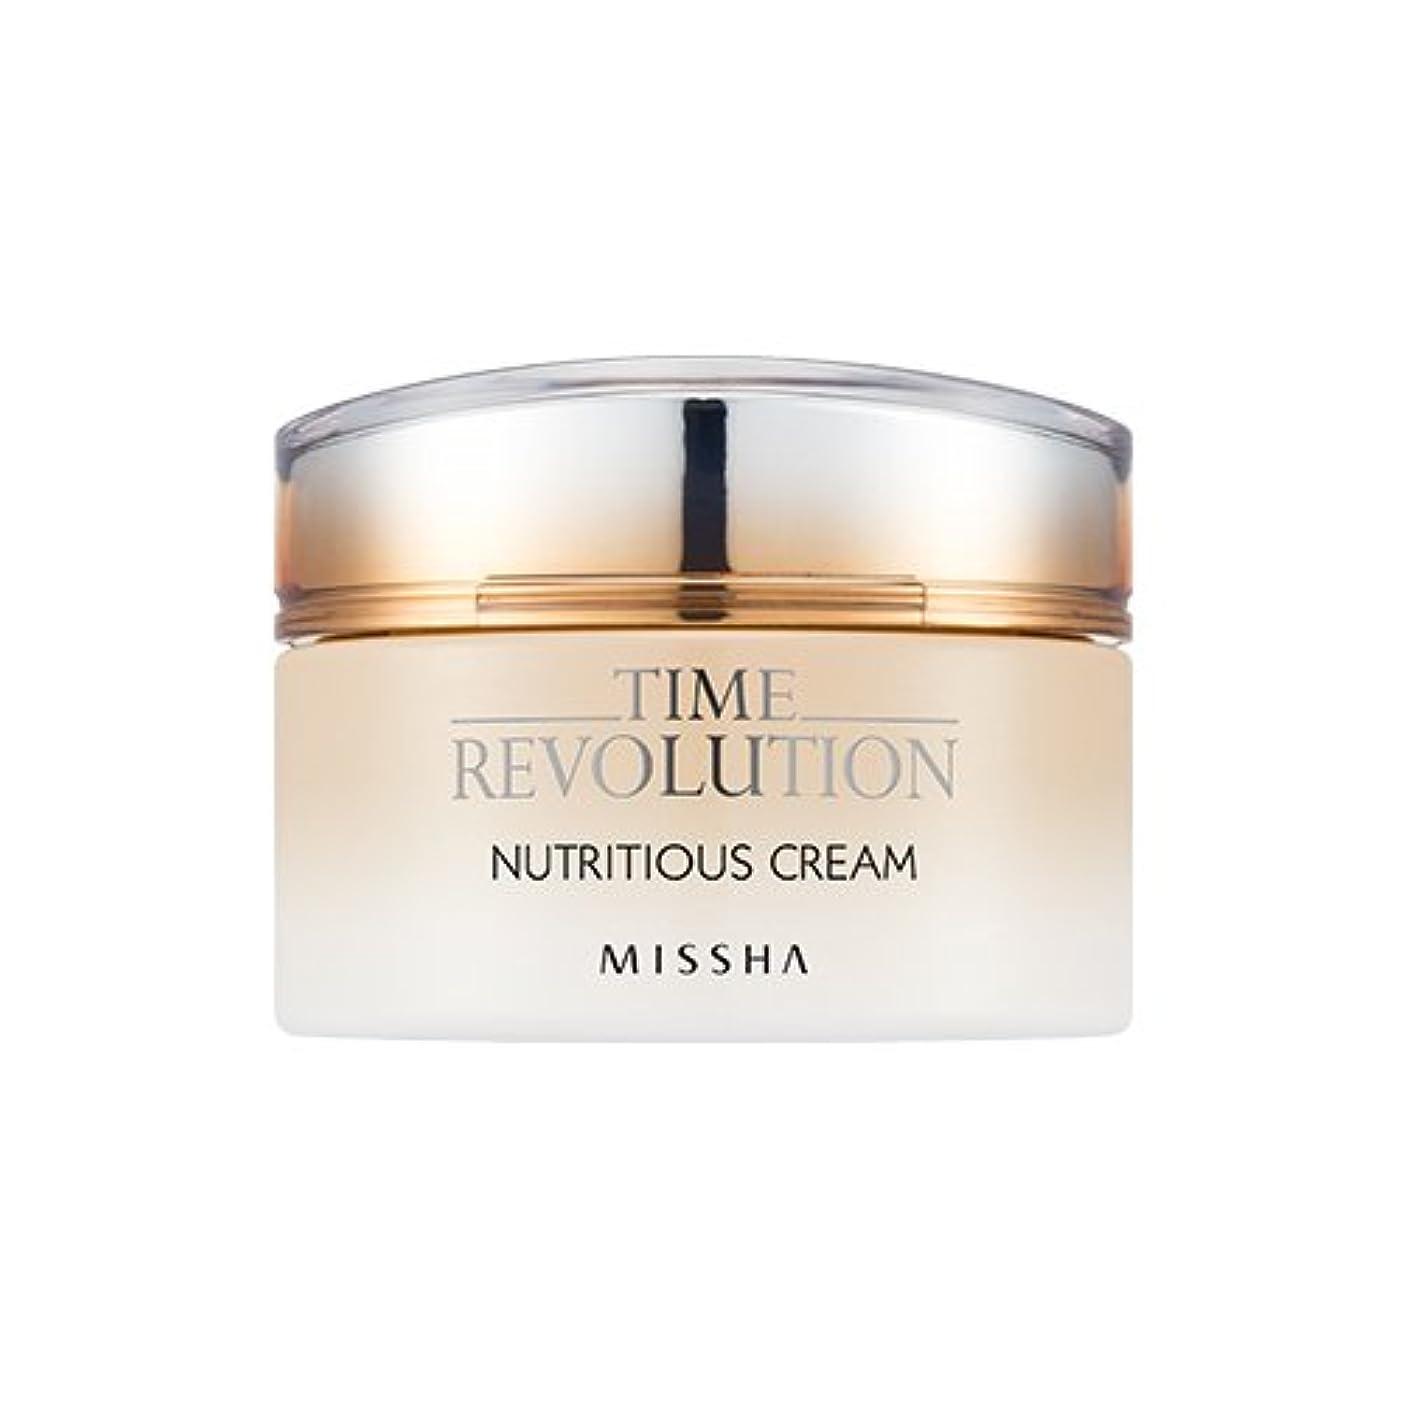 費やすコール溶ける[New] MISSHA Time Revolution Nutritious Cream 50ml/ミシャ タイム レボリューション ニュートリシャス クリーム 50ml [並行輸入品]